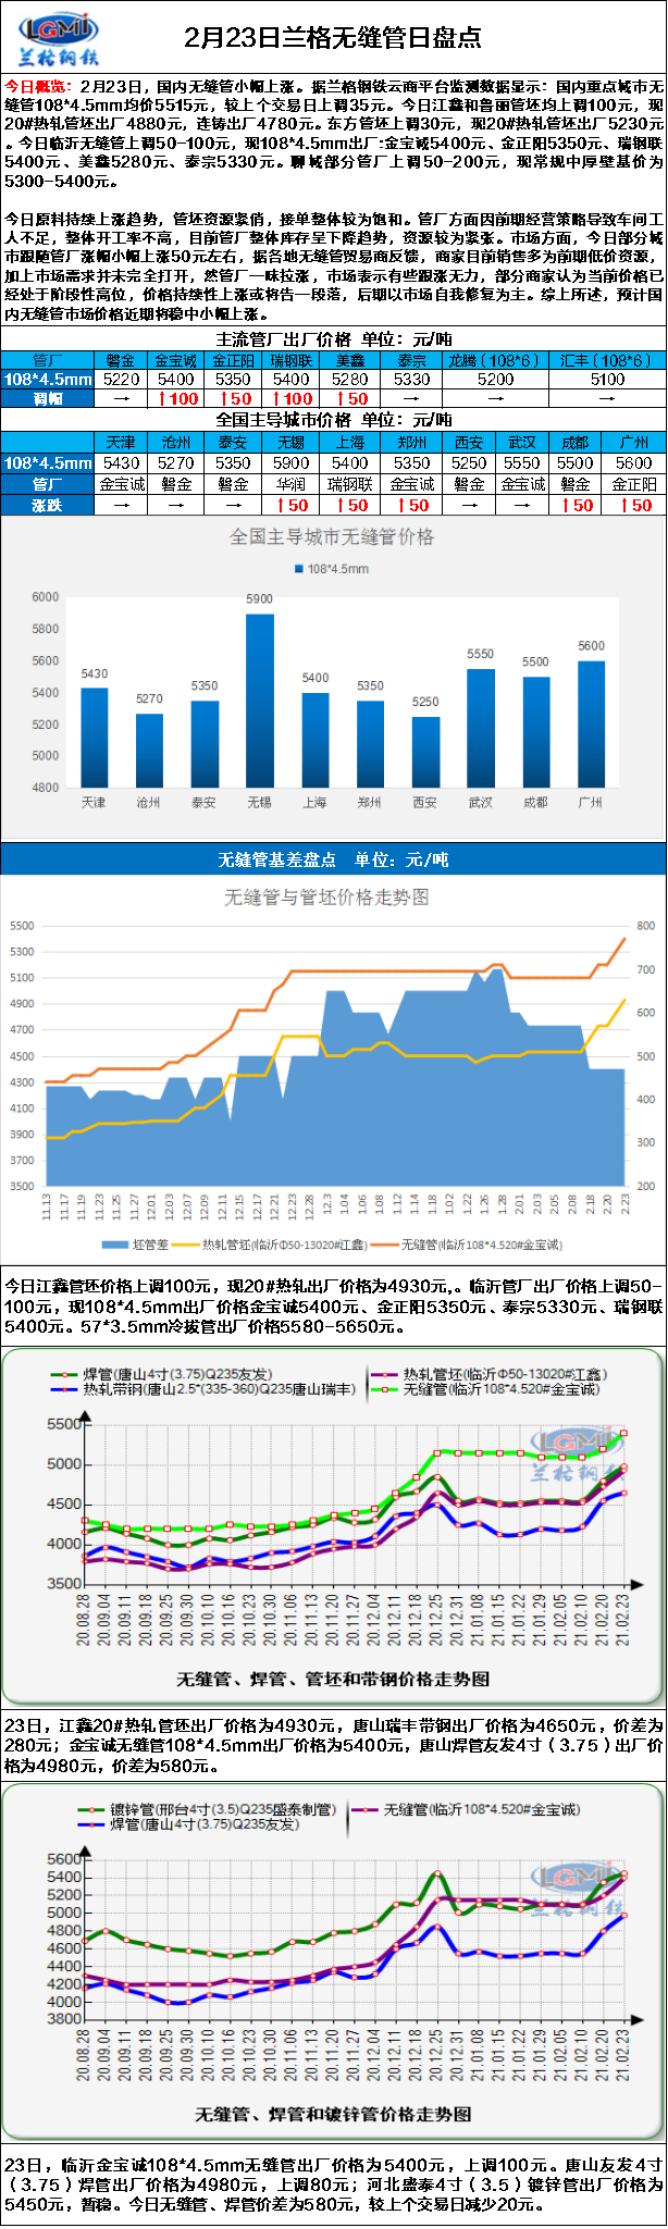 兰格无缝管日盘点:原料管坯继续上调 市场恐高心态初显